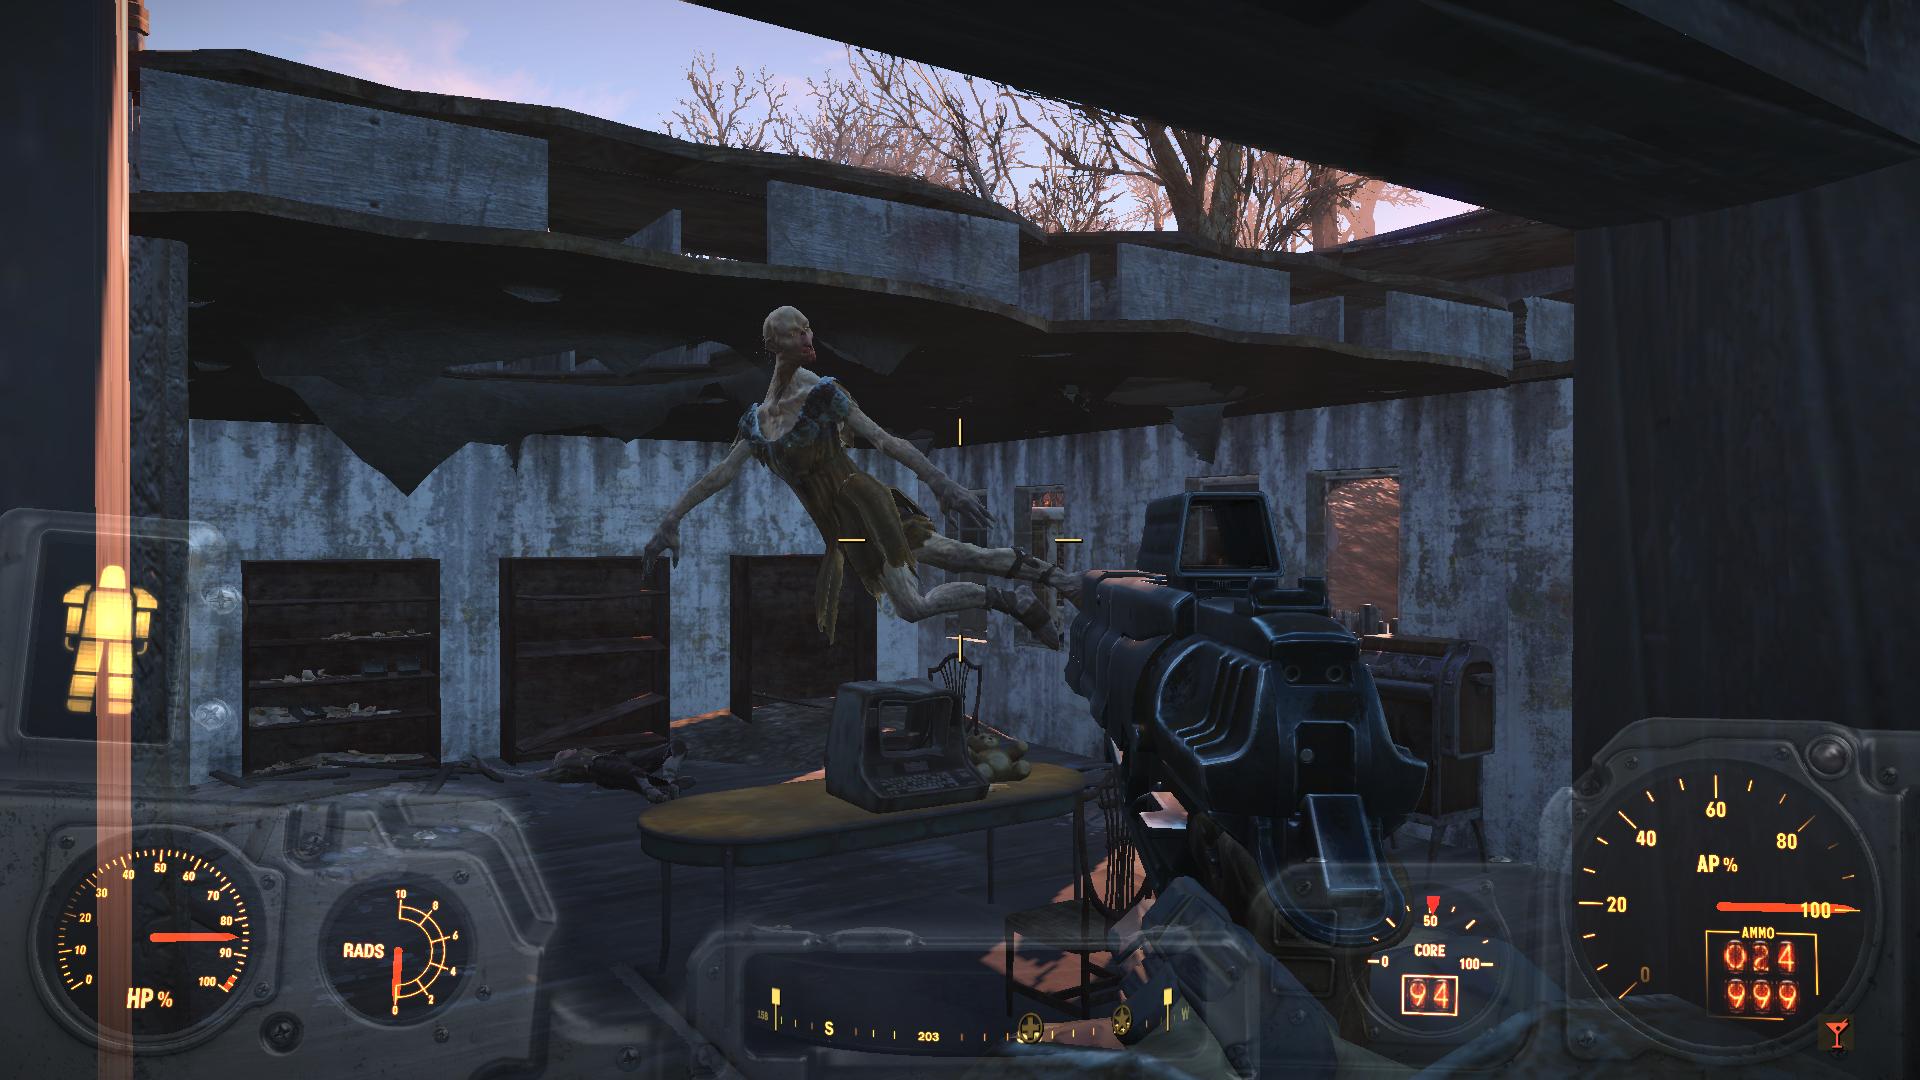 Полёт шмеля - Fallout 4 дикий гуль, стоянка домов на колесах, баги